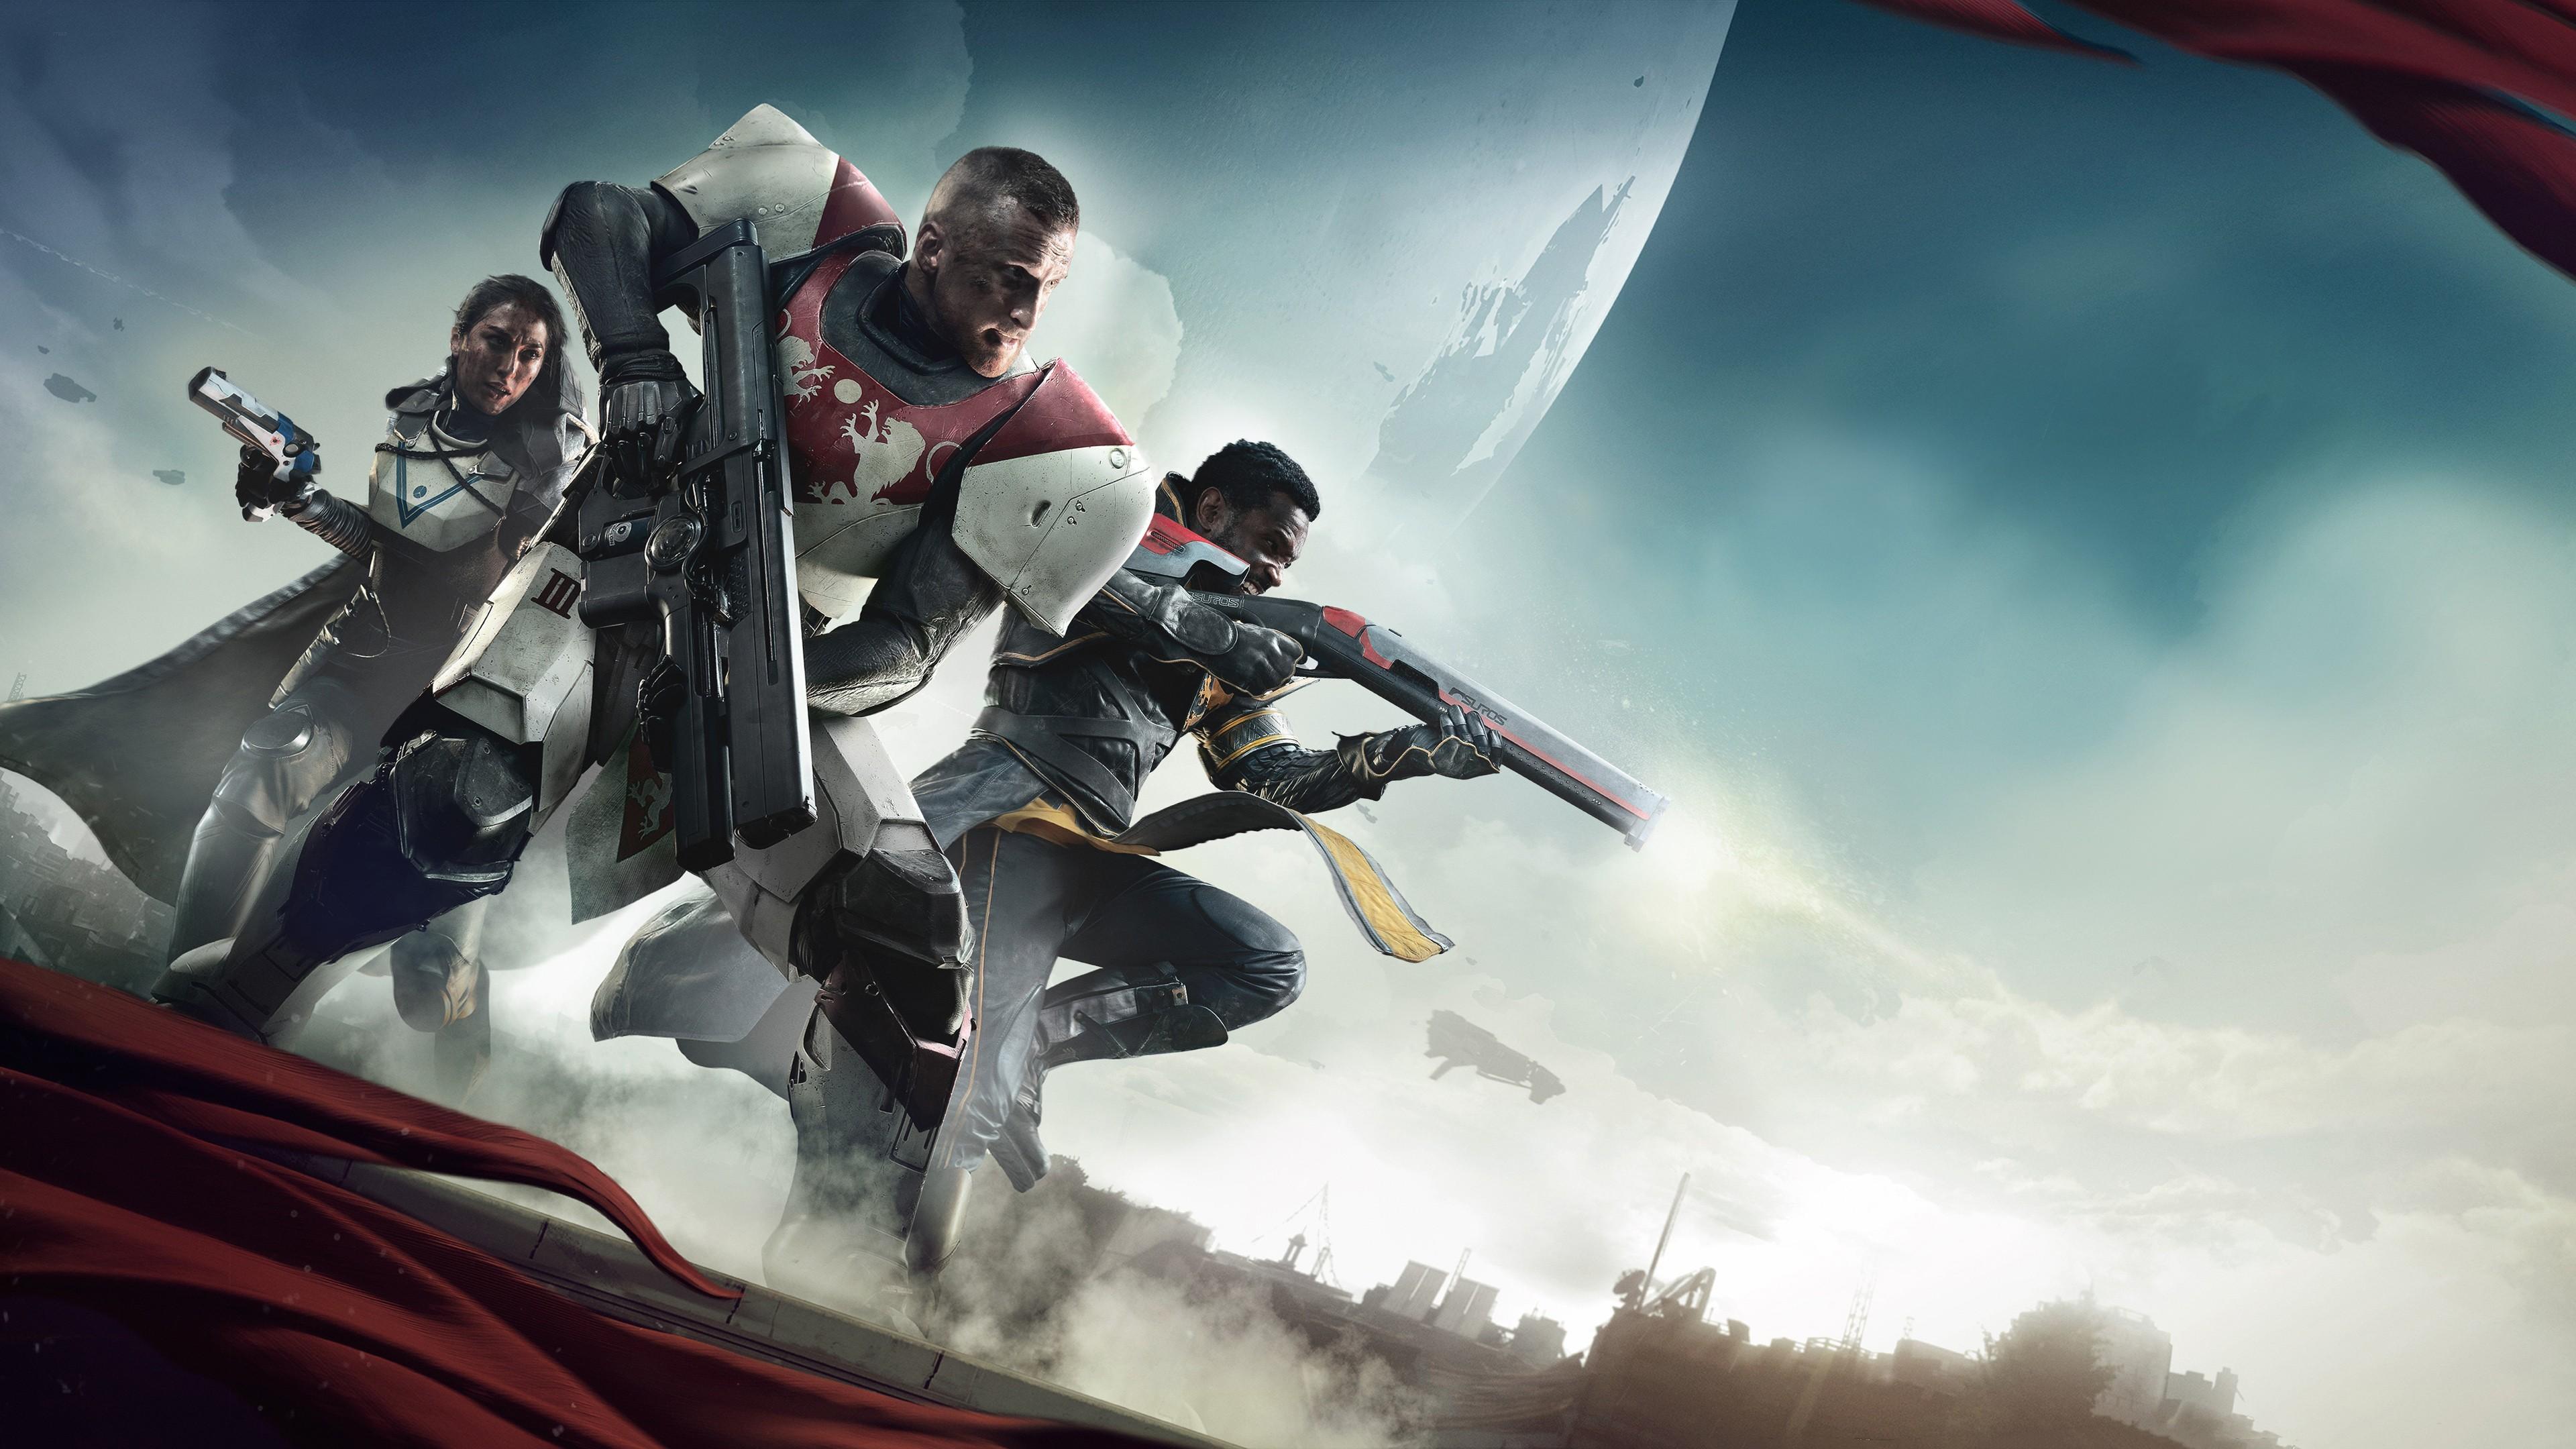 Destiny 2 2017 4k hd games 4k wallpapers images - 4k destiny 2 wallpaper ...